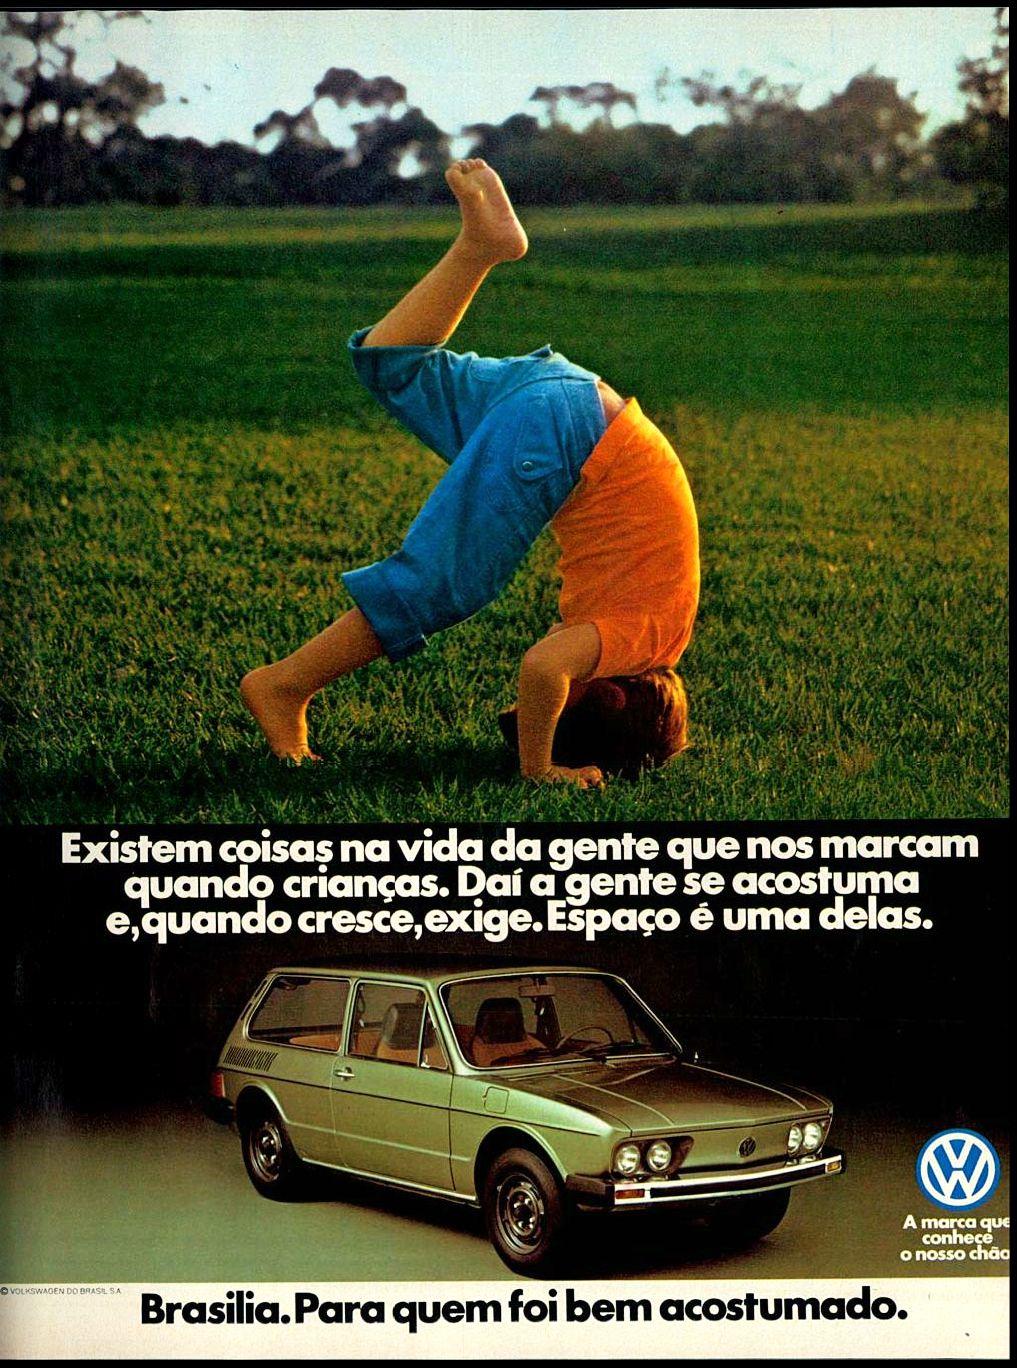 Carro antigo da Volkswagen dos anos 70. Brasília em campanha de 1979